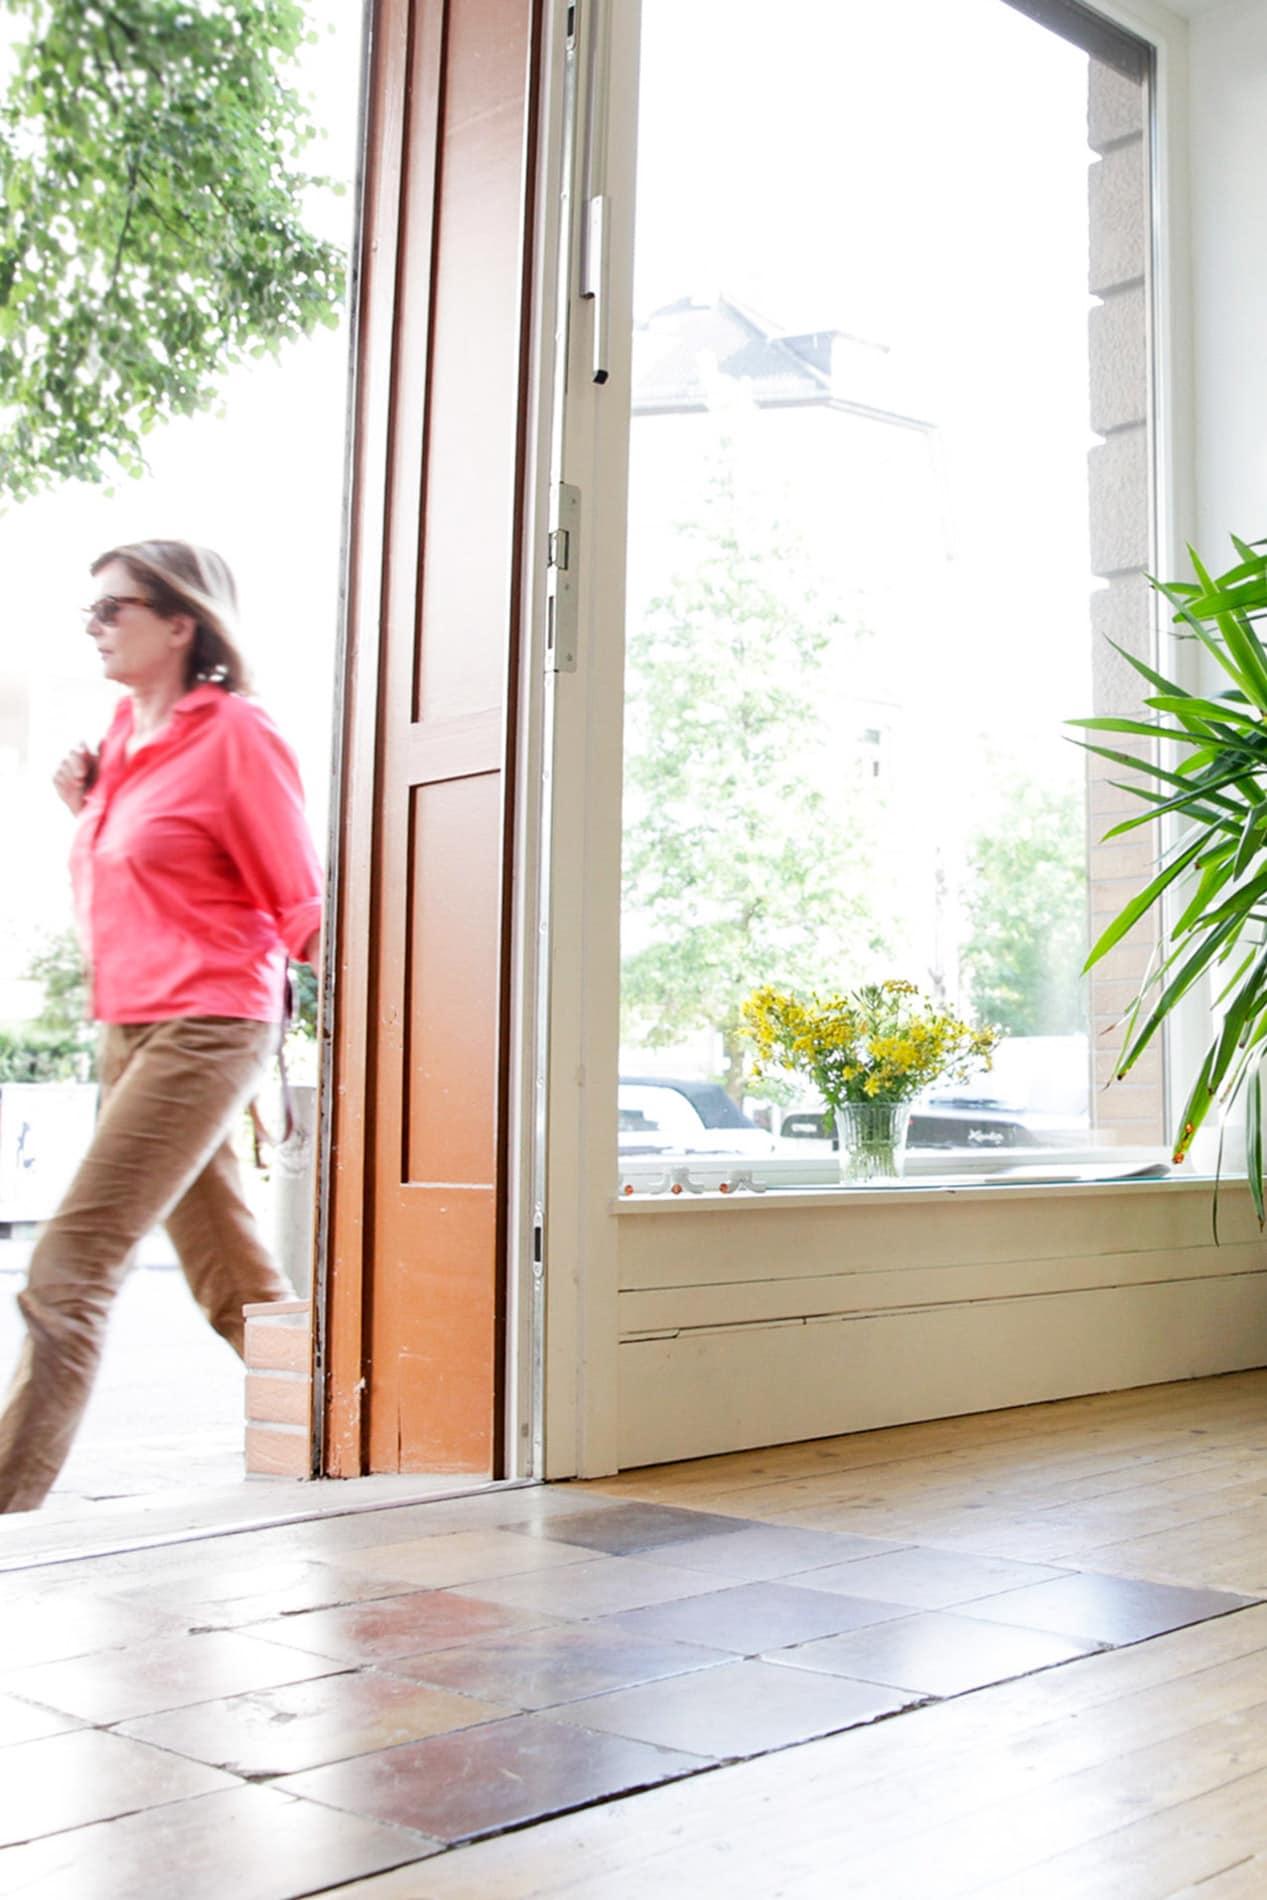 Büroaufnahme mit Blick nach Außen, Tür, Fenster, Licht-Pressefrauen Frankfurt schreiben und texten für PR